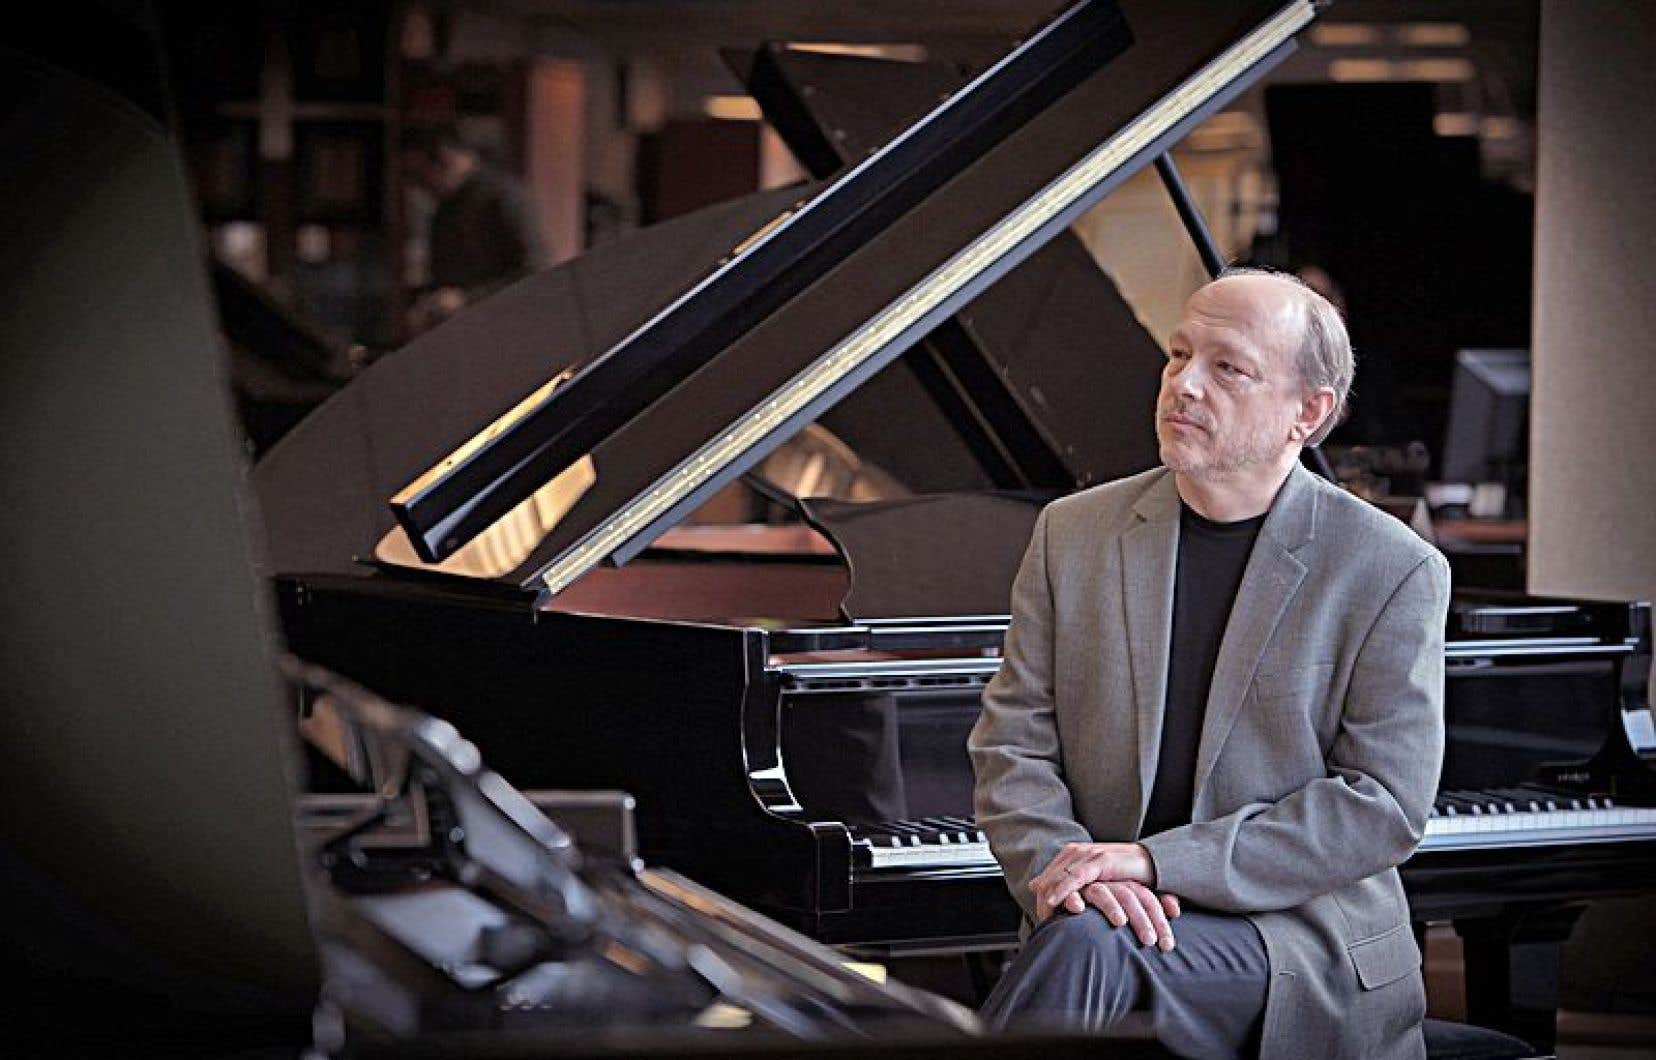 Le pianiste Marc-André Hamelin a partagé la scène samedi soir à Orford Musique avec le quatuor berlinois Kuss.